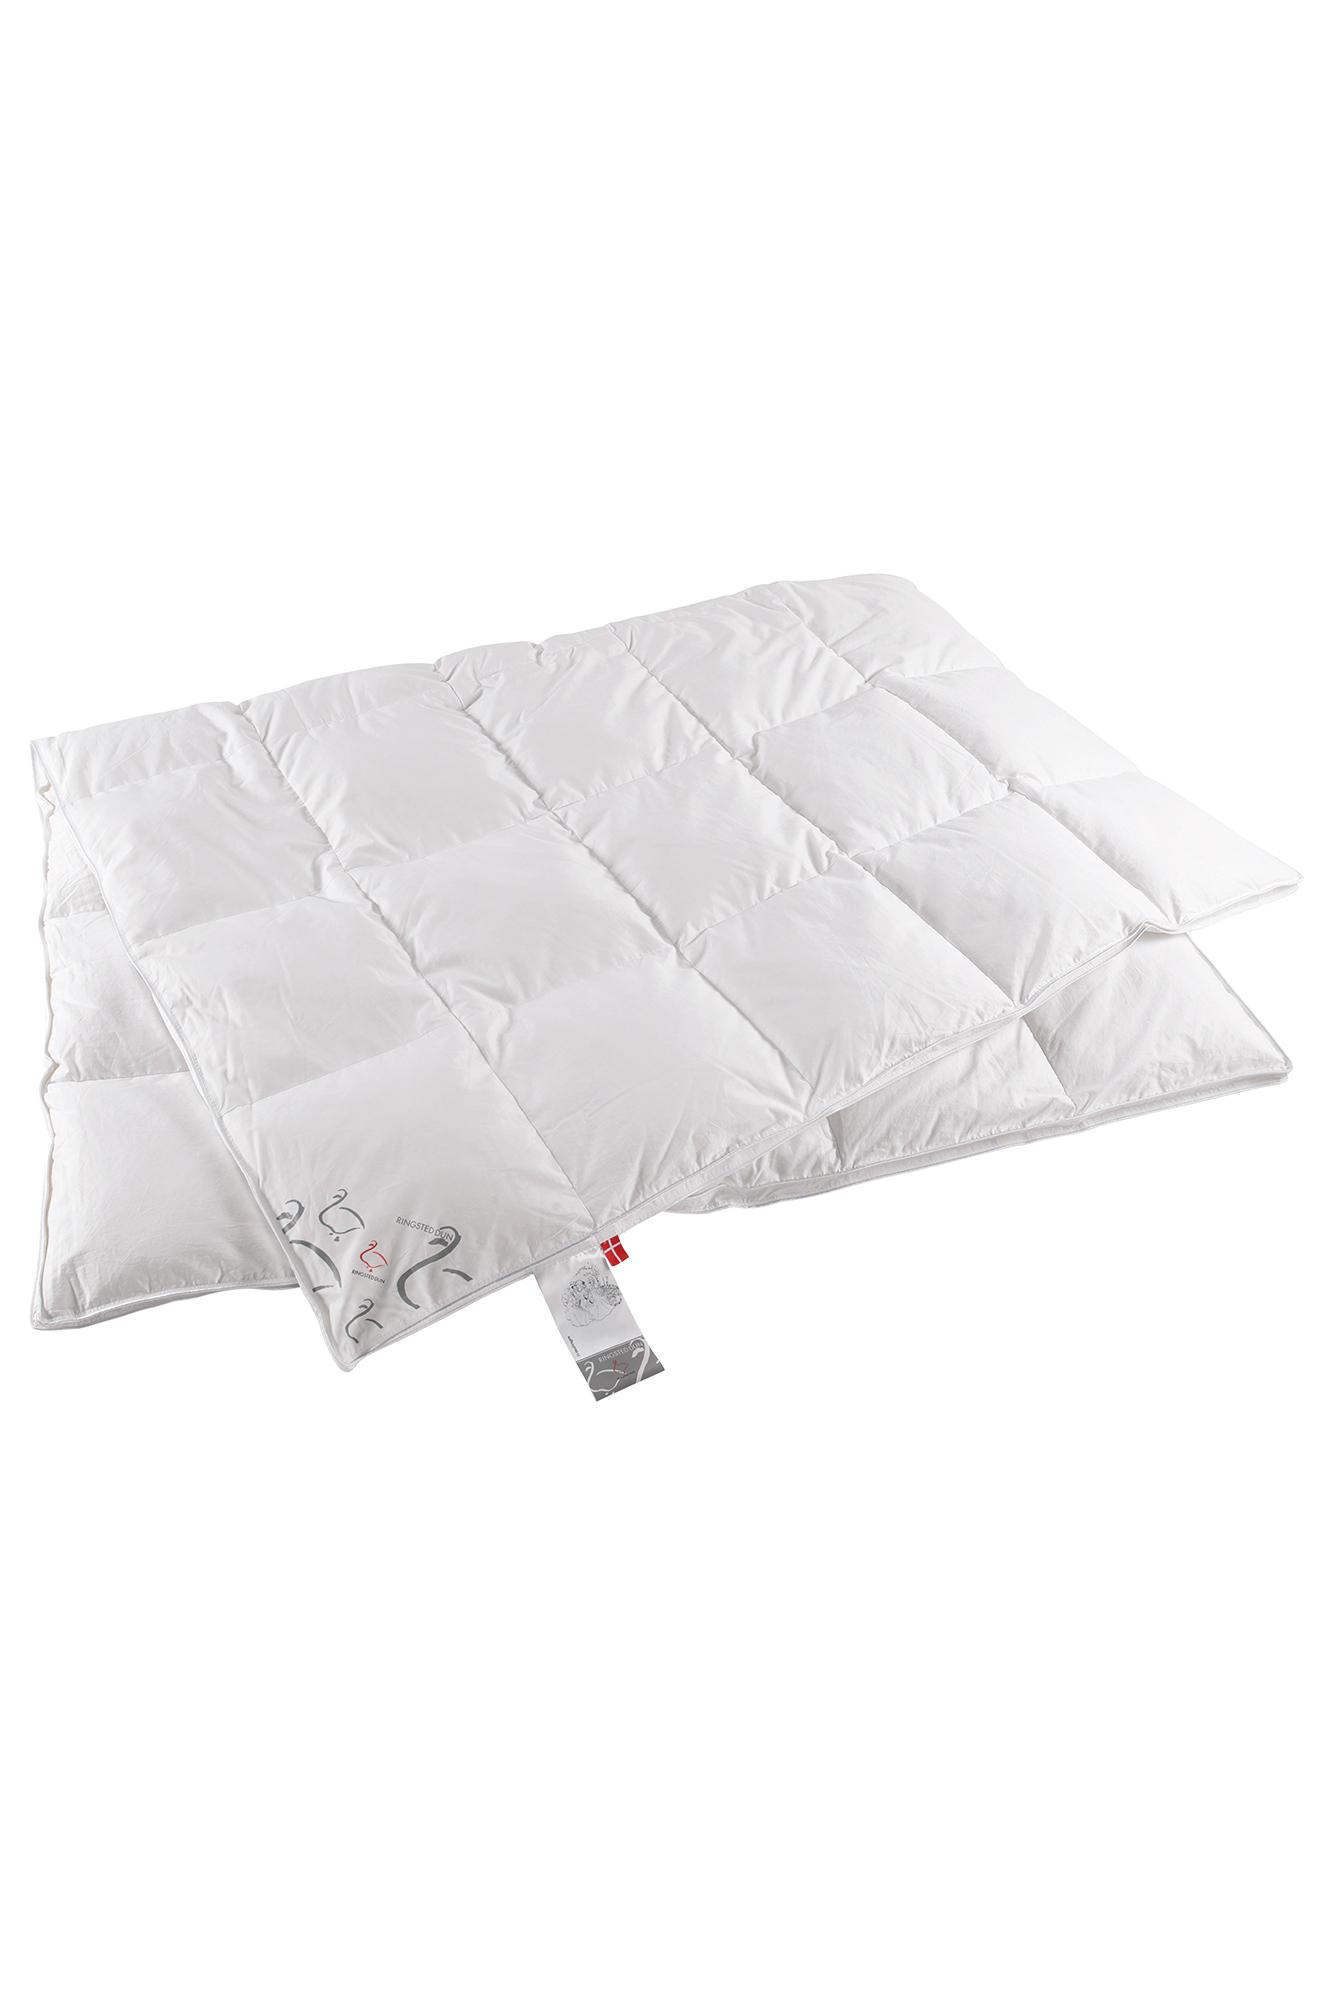 Ylellinen untuvapeitto kapeaan sänkyyn, Medium, 150x210 cm